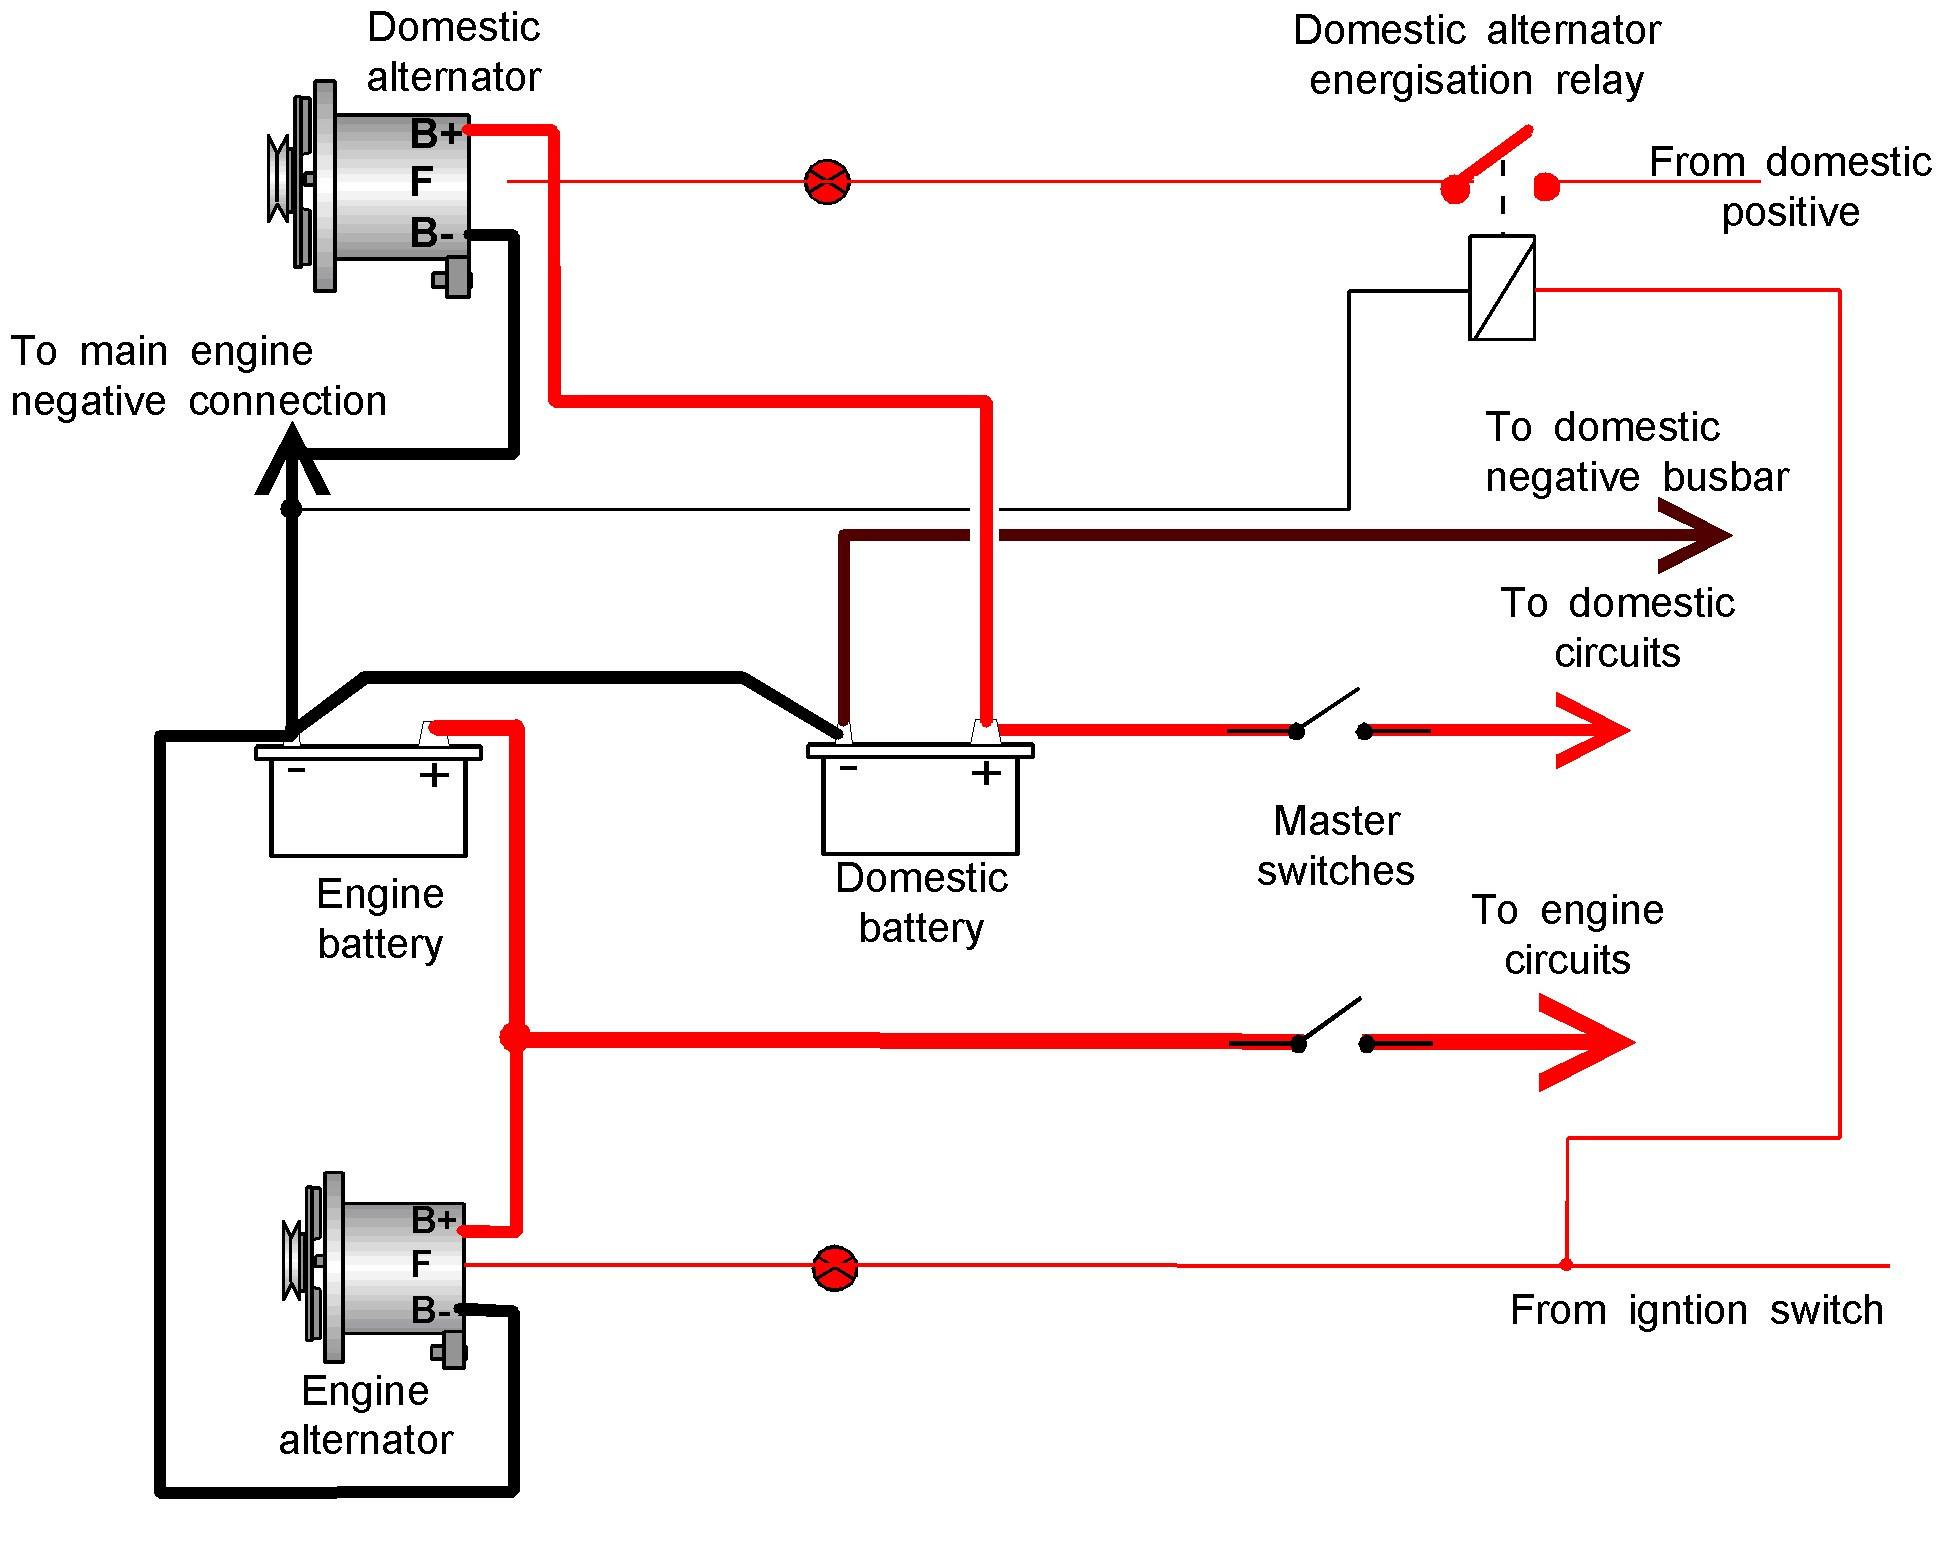 4 wire alternator schematic wiring diagram GM 1 -Wire Alternator Diagram gm 3 wire alternator diagram wiring diagram onlinegm delco alt wiring diagram box wiring diagram 3